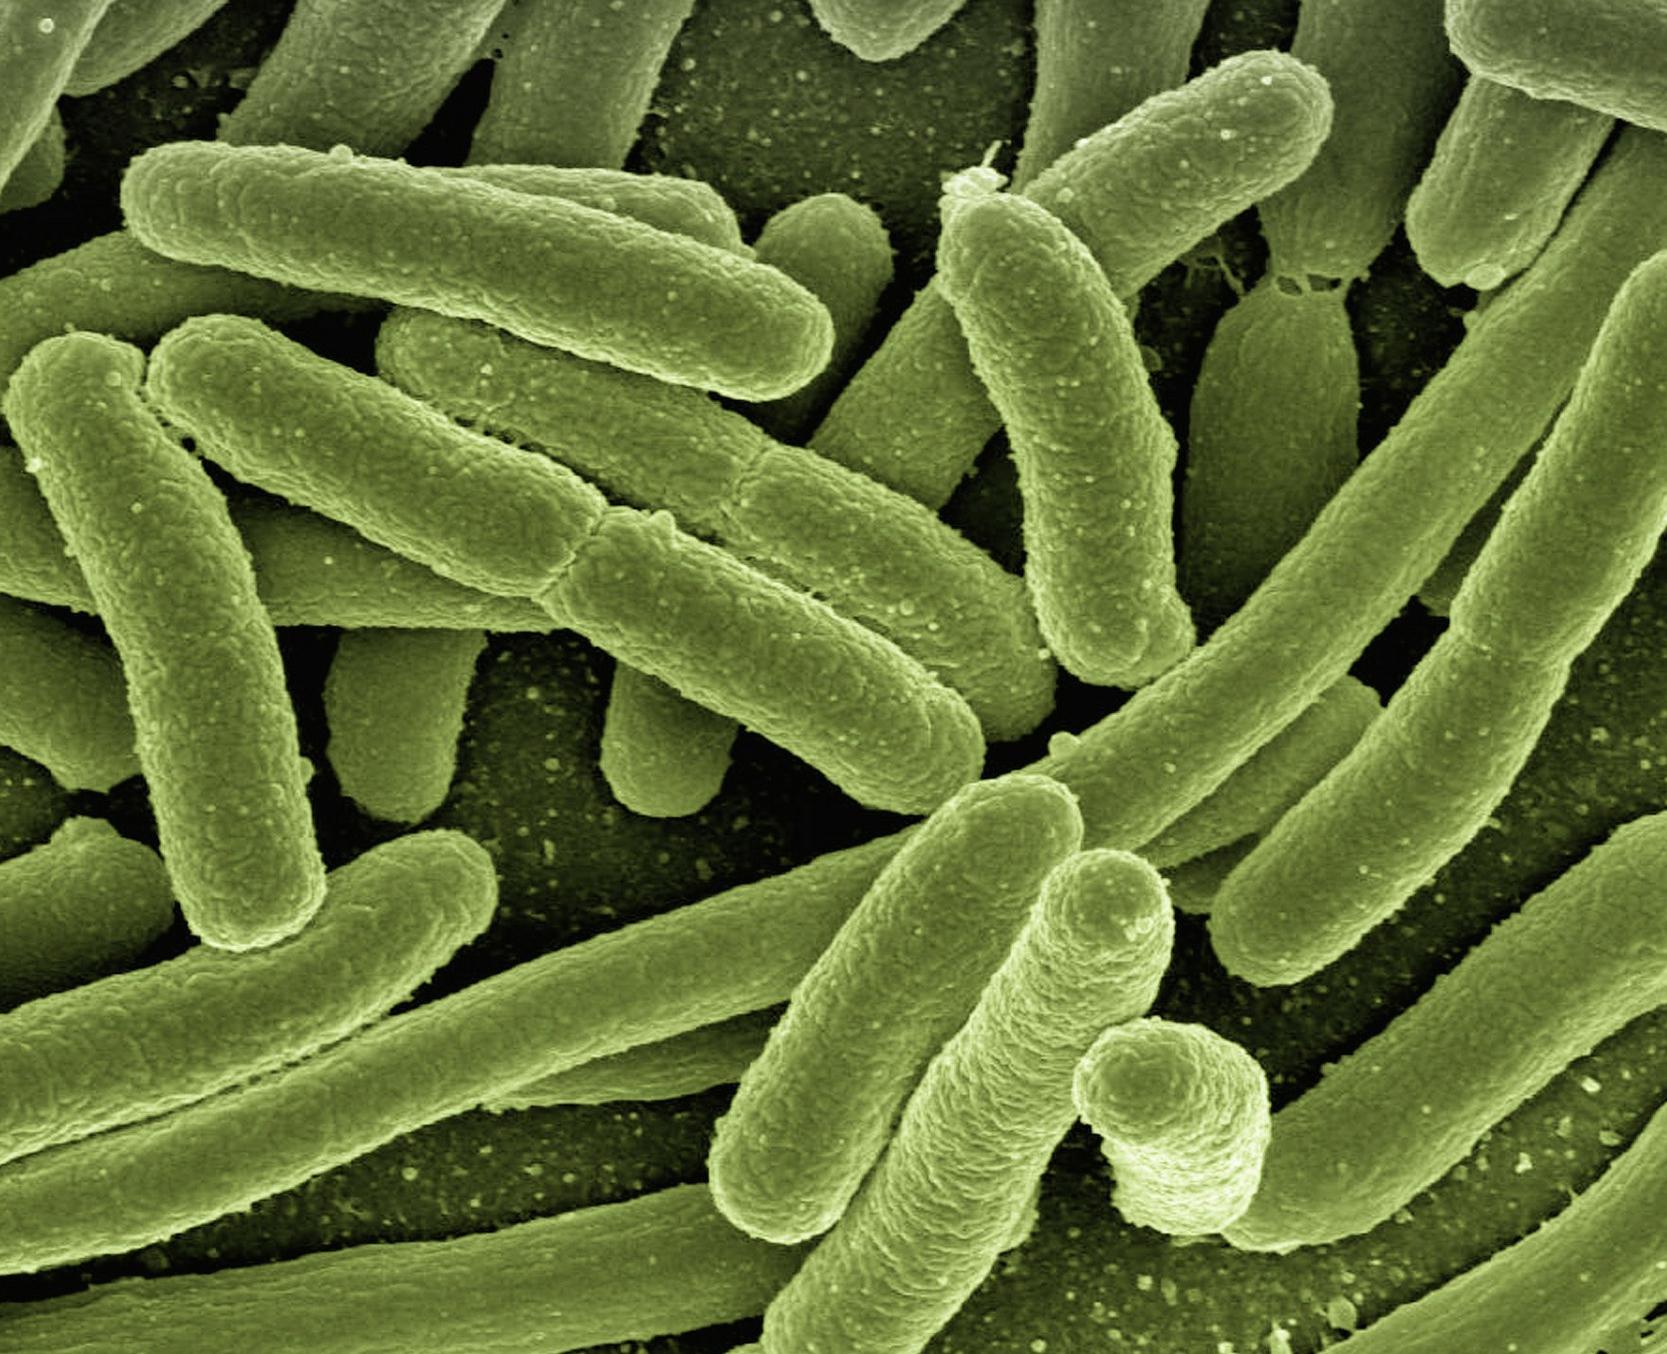 Jakie korzyści przynosi stosowanie probiotyków?